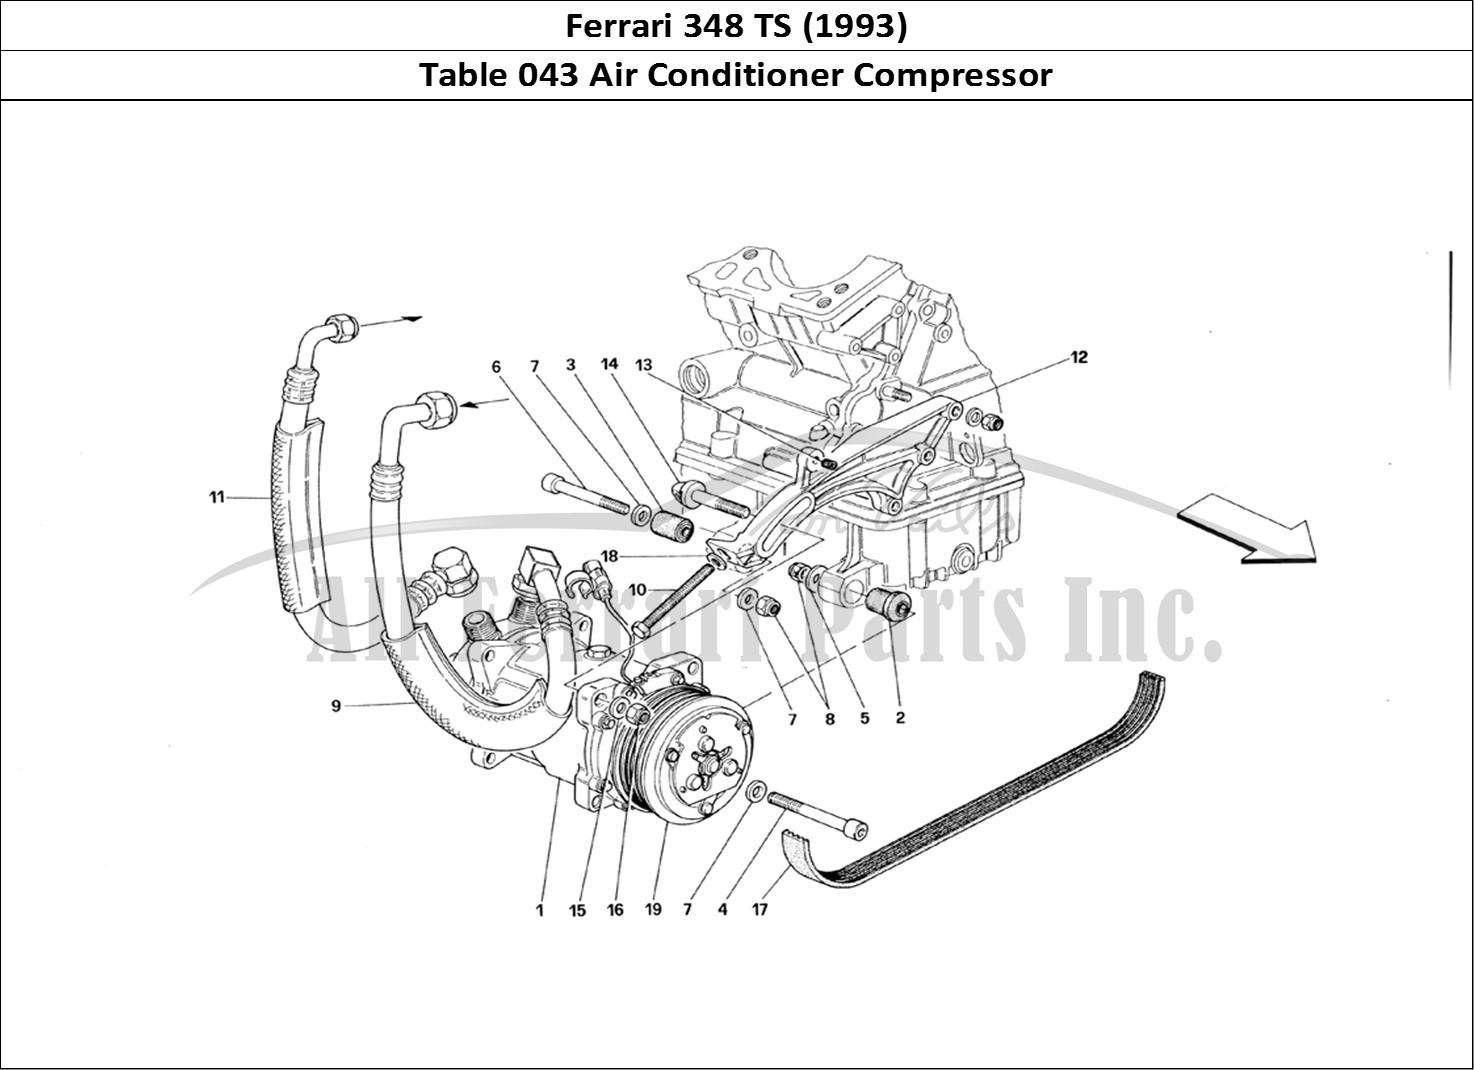 Buy Original Ferrari 348 Ts 043 Air Conditioner Compressor Ferrari Parts Spares